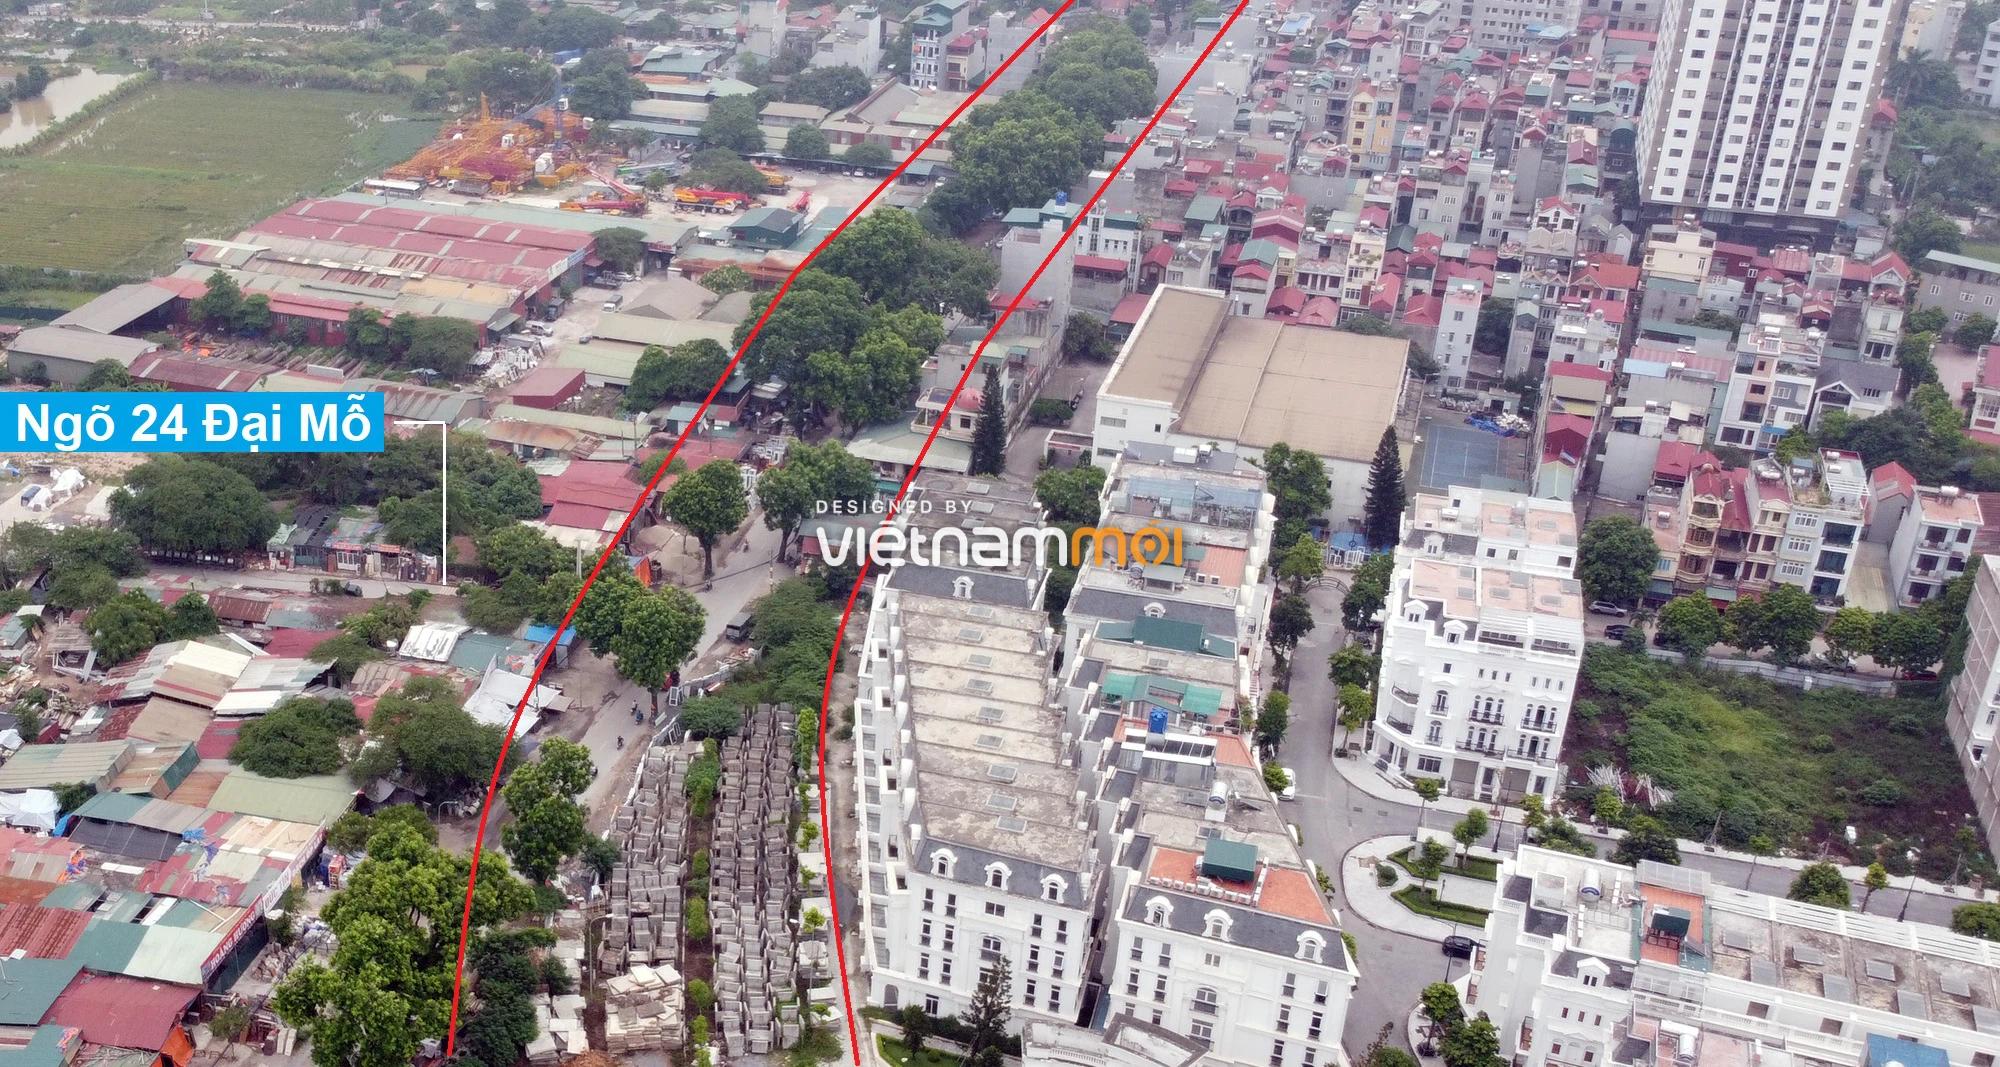 Những khu đất sắp thu hồi để mở đường ở phường Đại Mỗ, Nam Từ Liêm, Hà Nội (phần 2) - Ảnh 15.